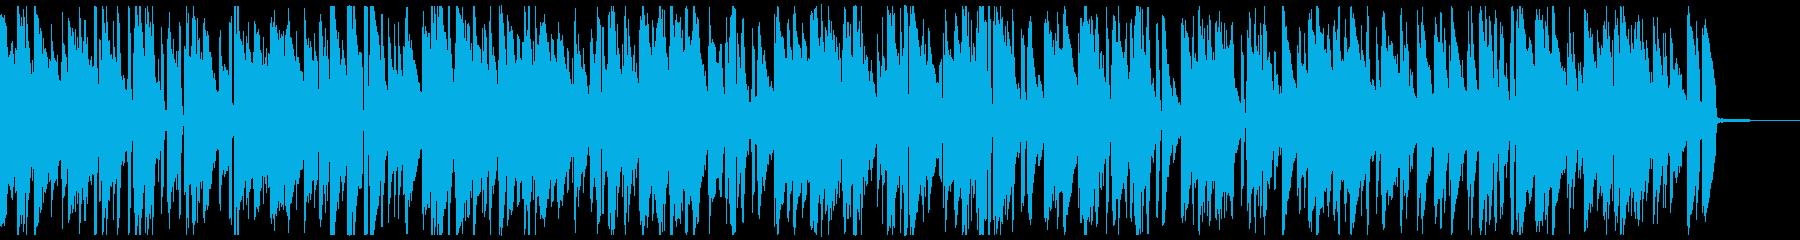 ピアノ・トリオNo.7/ワルツの再生済みの波形